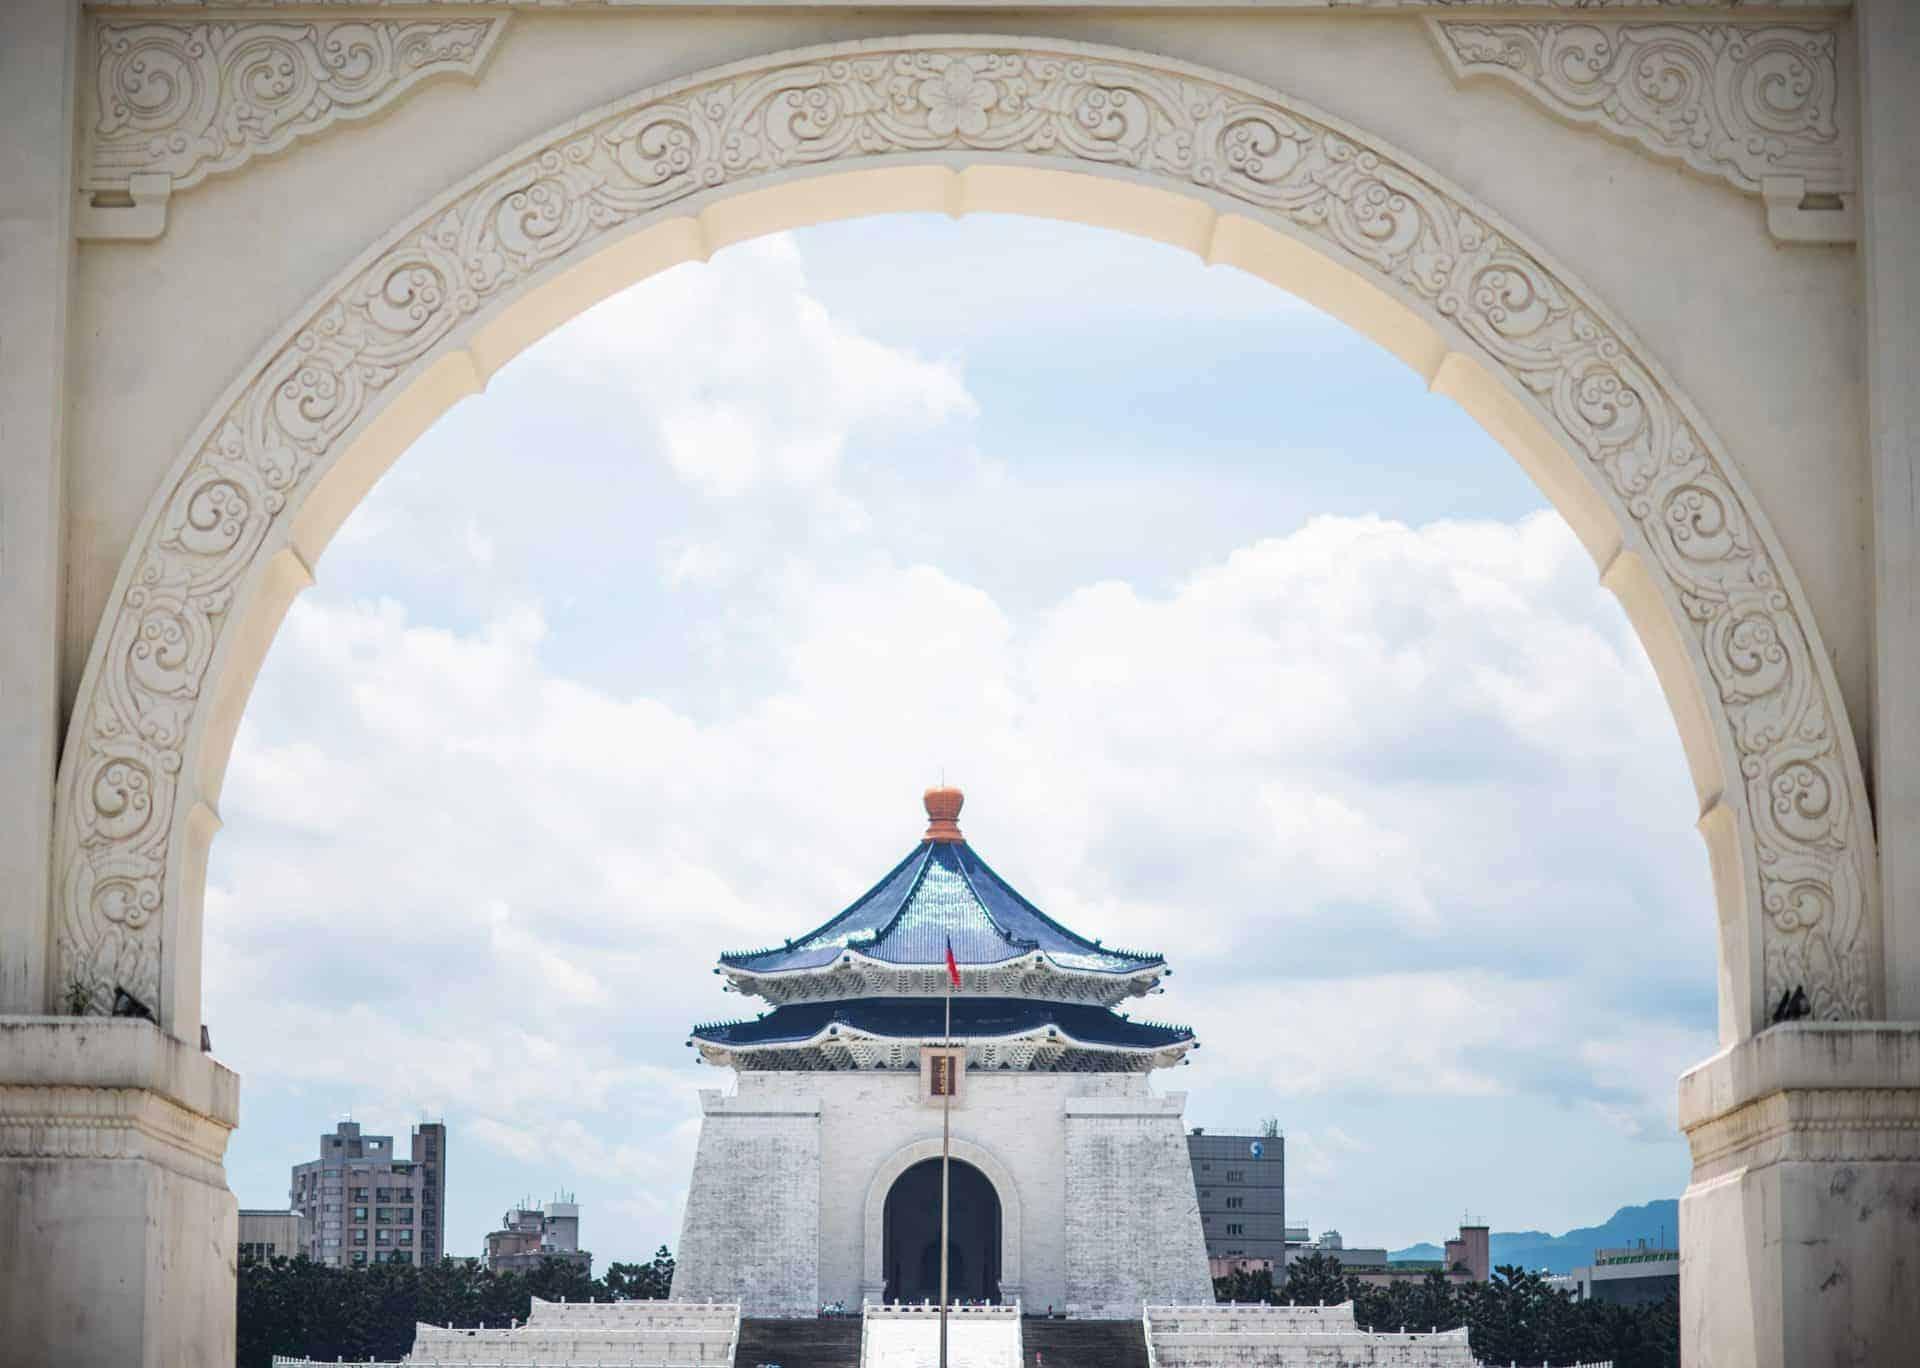 taipei_essential_taiwan-2863794